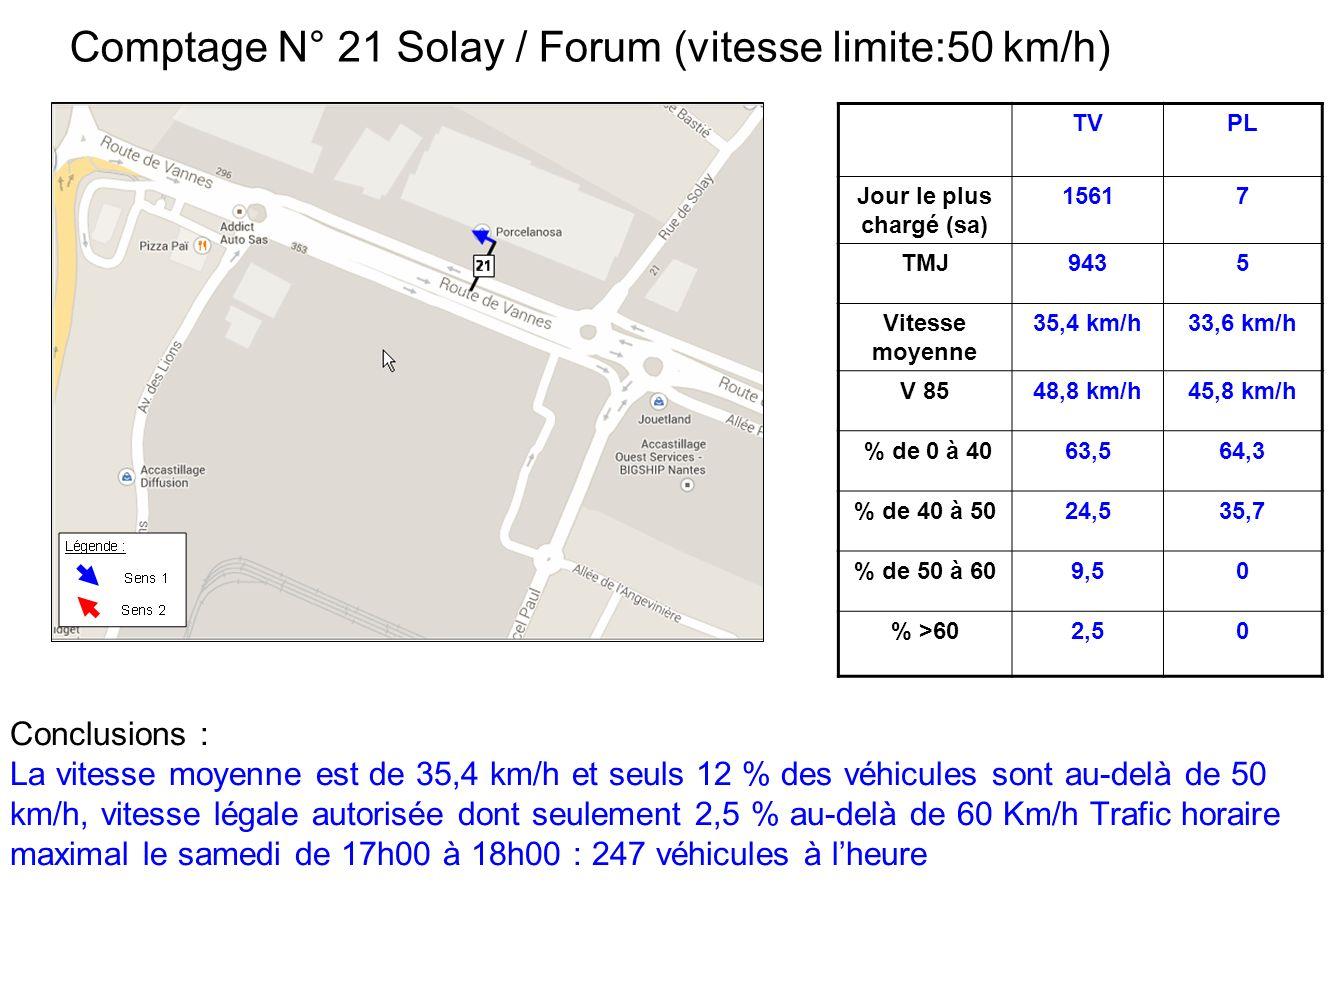 Comptage N° 21 Solay / Forum (vitesse limite:50 km/h) Conclusions : La vitesse moyenne est de 35,4 km/h et seuls 12 % des véhicules sont au-delà de 50 km/h, vitesse légale autorisée dont seulement 2,5 % au-delà de 60 Km/h Trafic horaire maximal le samedi de 17h00 à 18h00 : 247 véhicules à lheure TVPL Jour le plus chargé (sa) 15617 TMJ9435 Vitesse moyenne 35,4 km/h33,6 km/h V 8548,8 km/h45,8 km/h % de 0 à 4063,564,3 % de 40 à 5024,535,7 % de 50 à 609,50 % >602,50